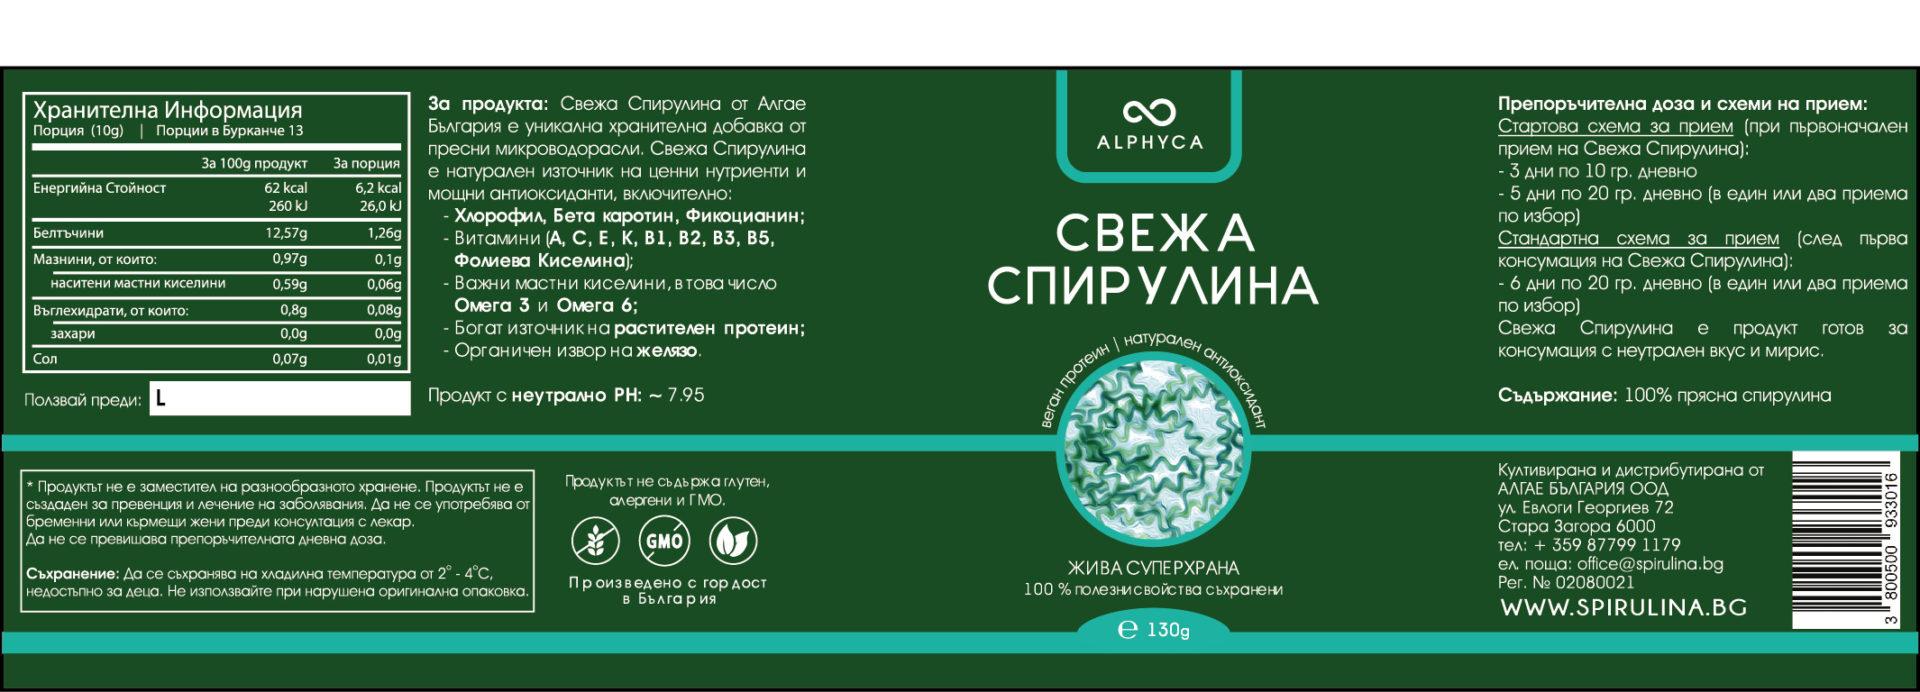 spirulina, спирулина хранителни стойности.